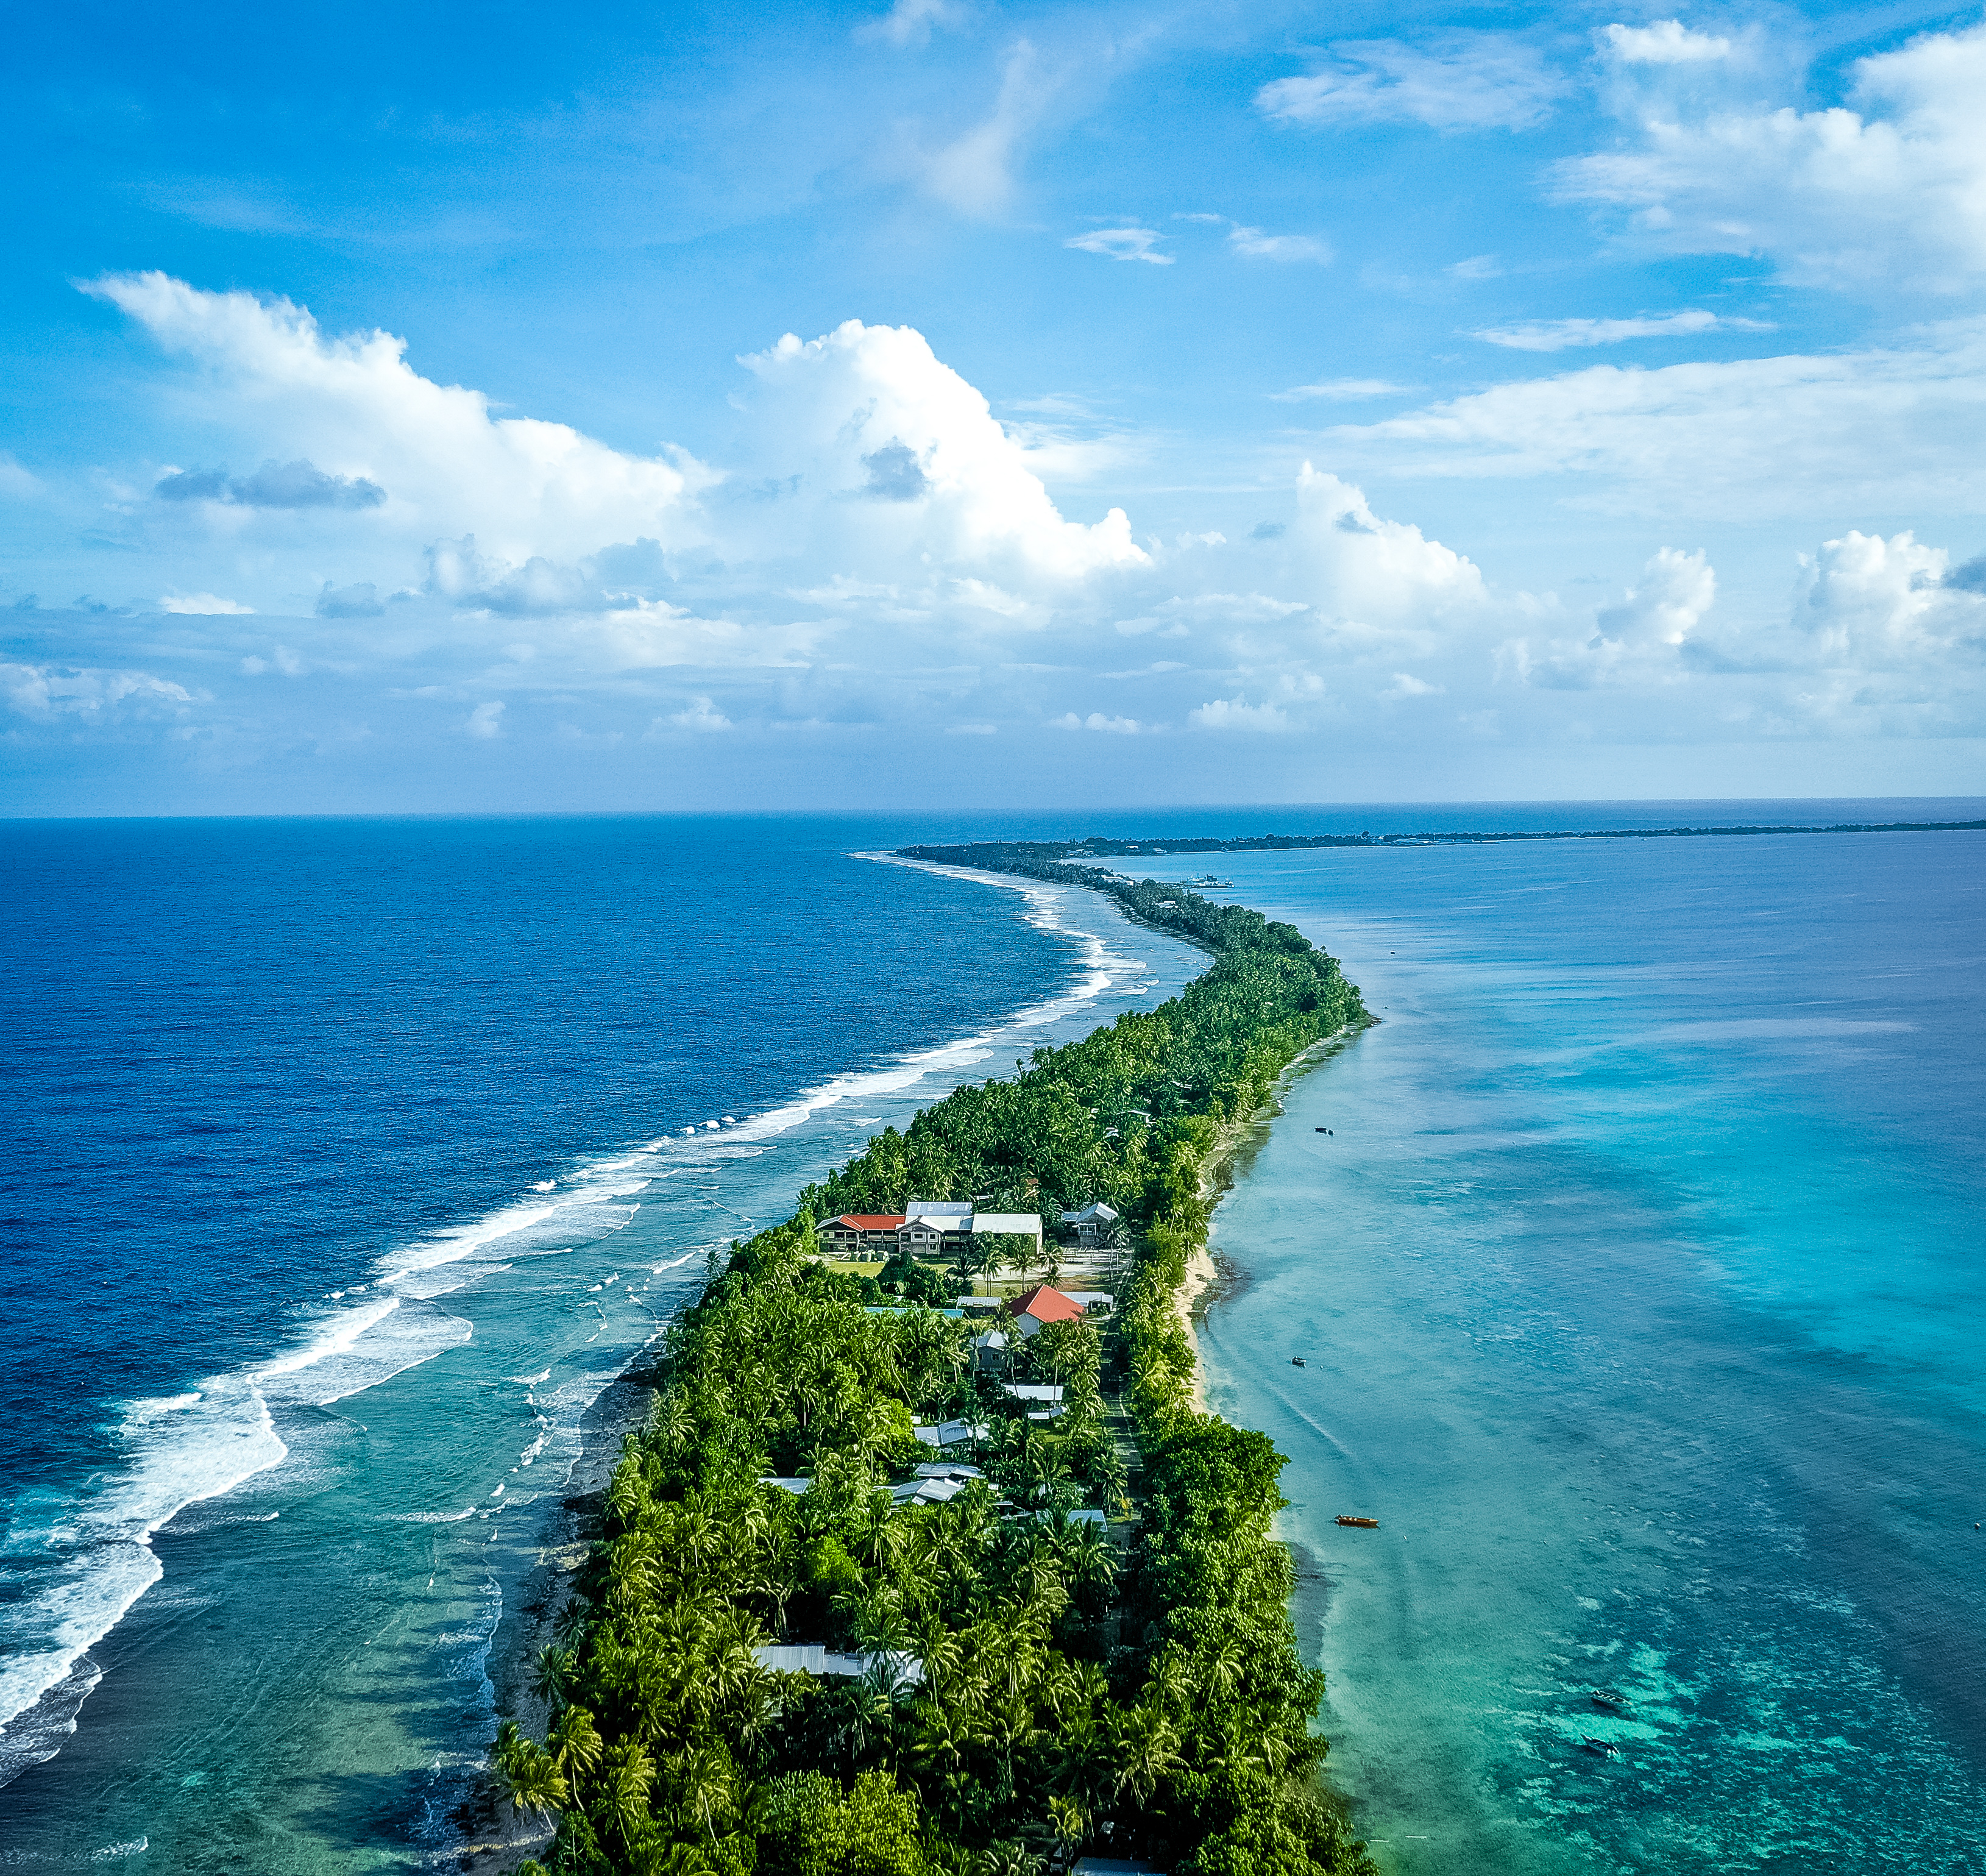 「地球防衛隊SDGs」第5話解説編「温暖化で砂浜がなくなってしまう?」